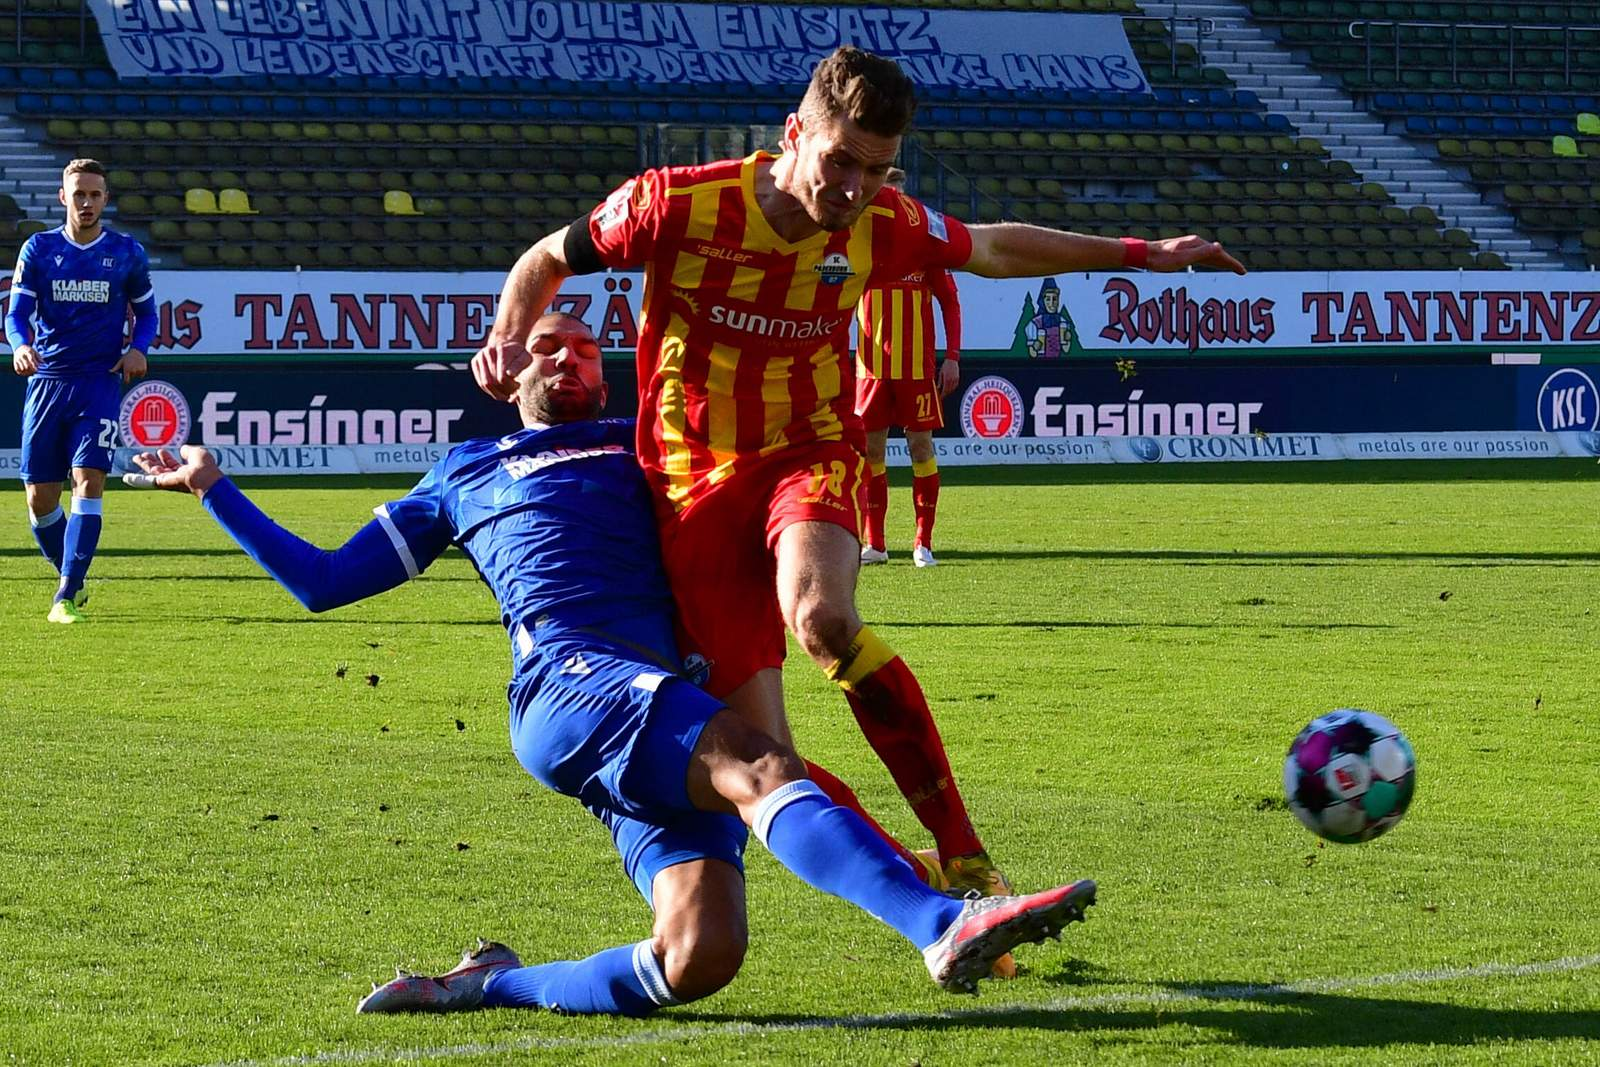 Daniel Gordon gewinnt Zweikampf beim Spiel KSC vs Paderborn